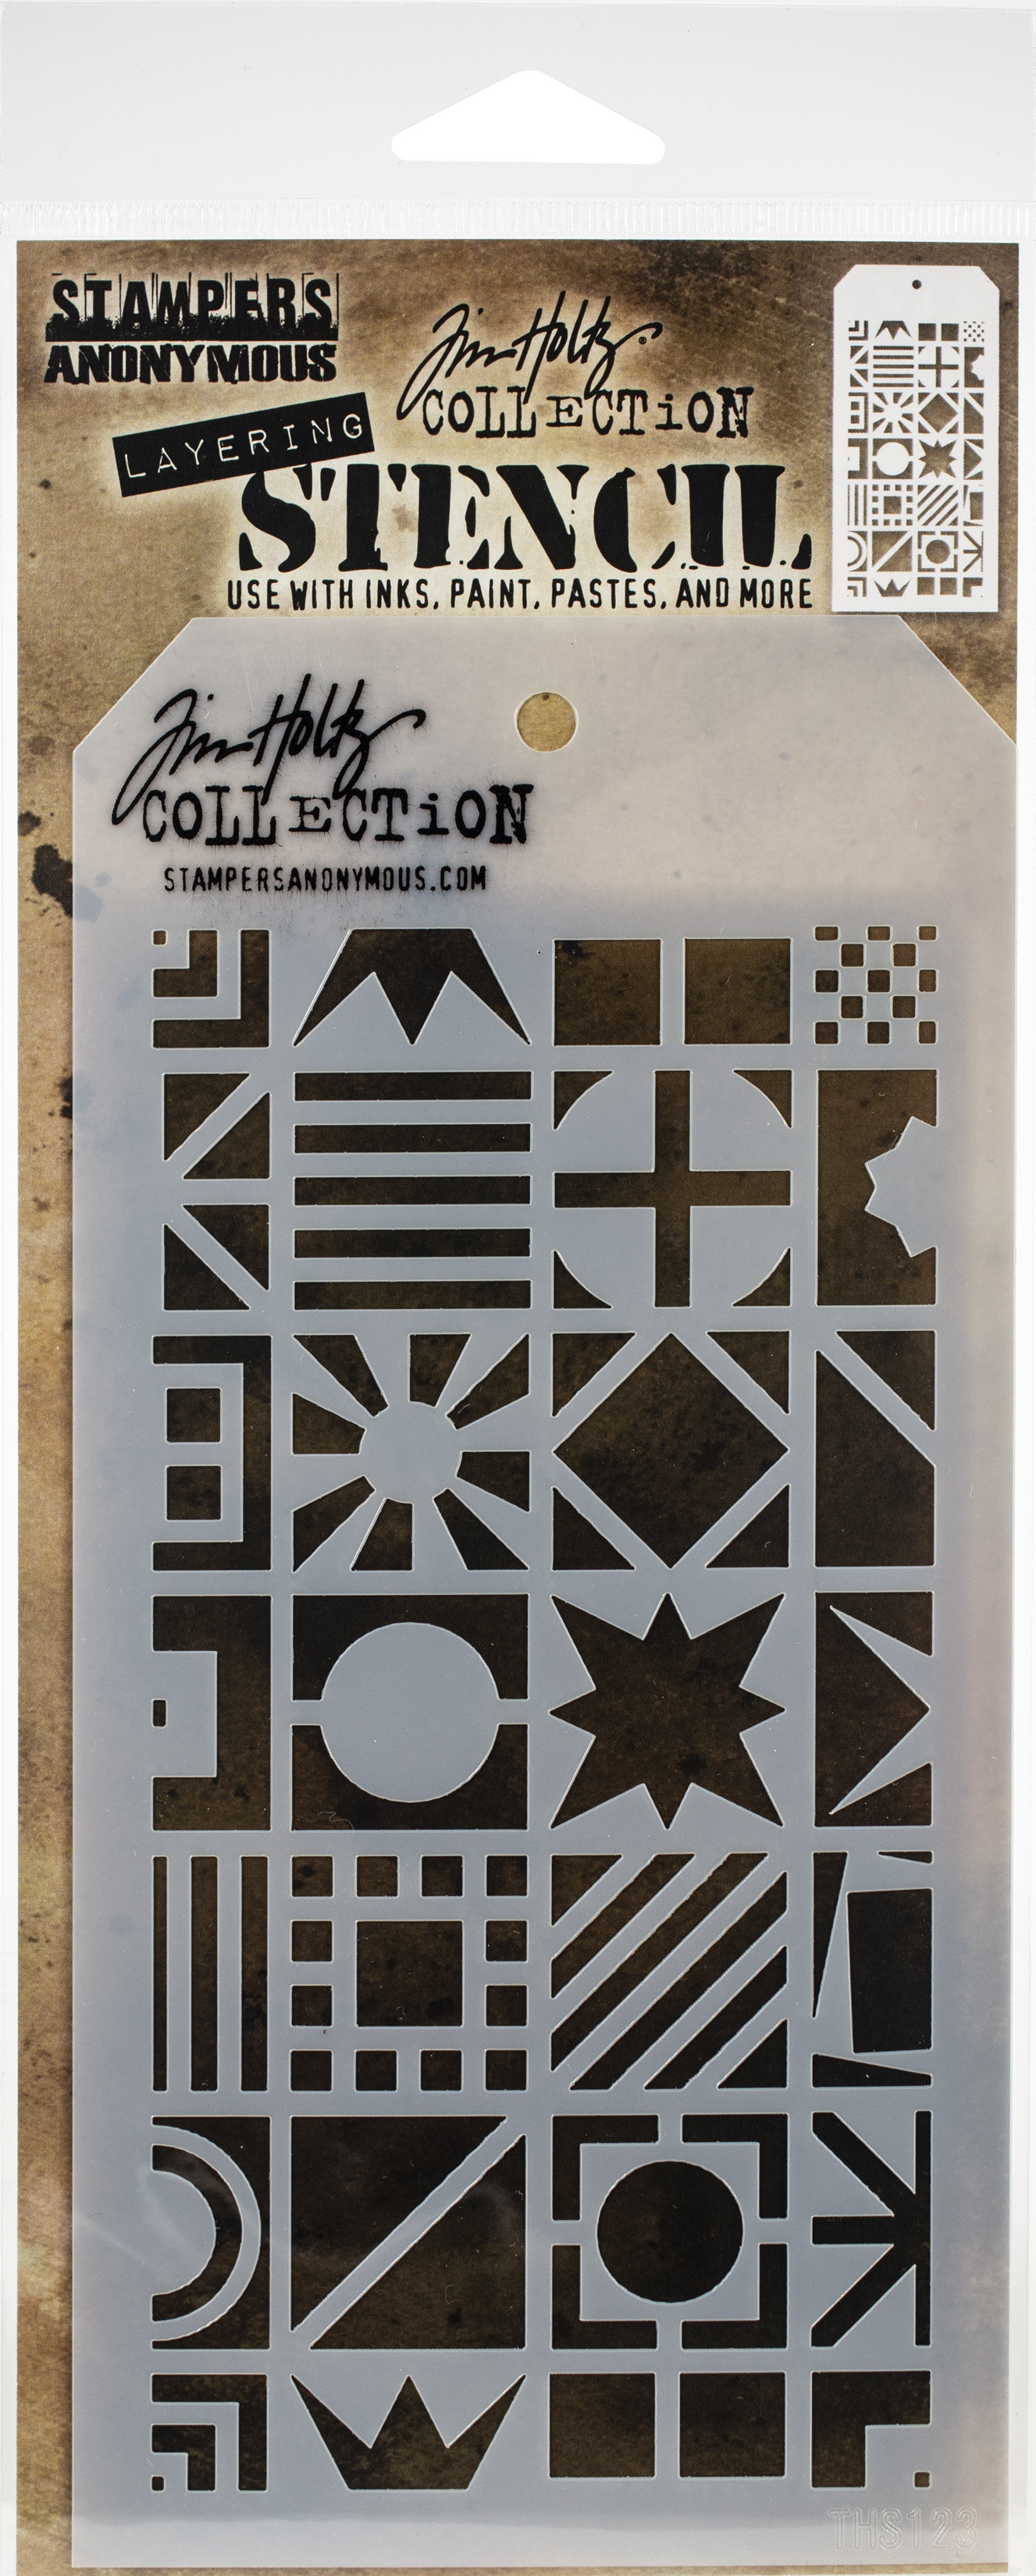 Tim Holtz Layered Stencil 4.125X8.5-Patchwork Cube